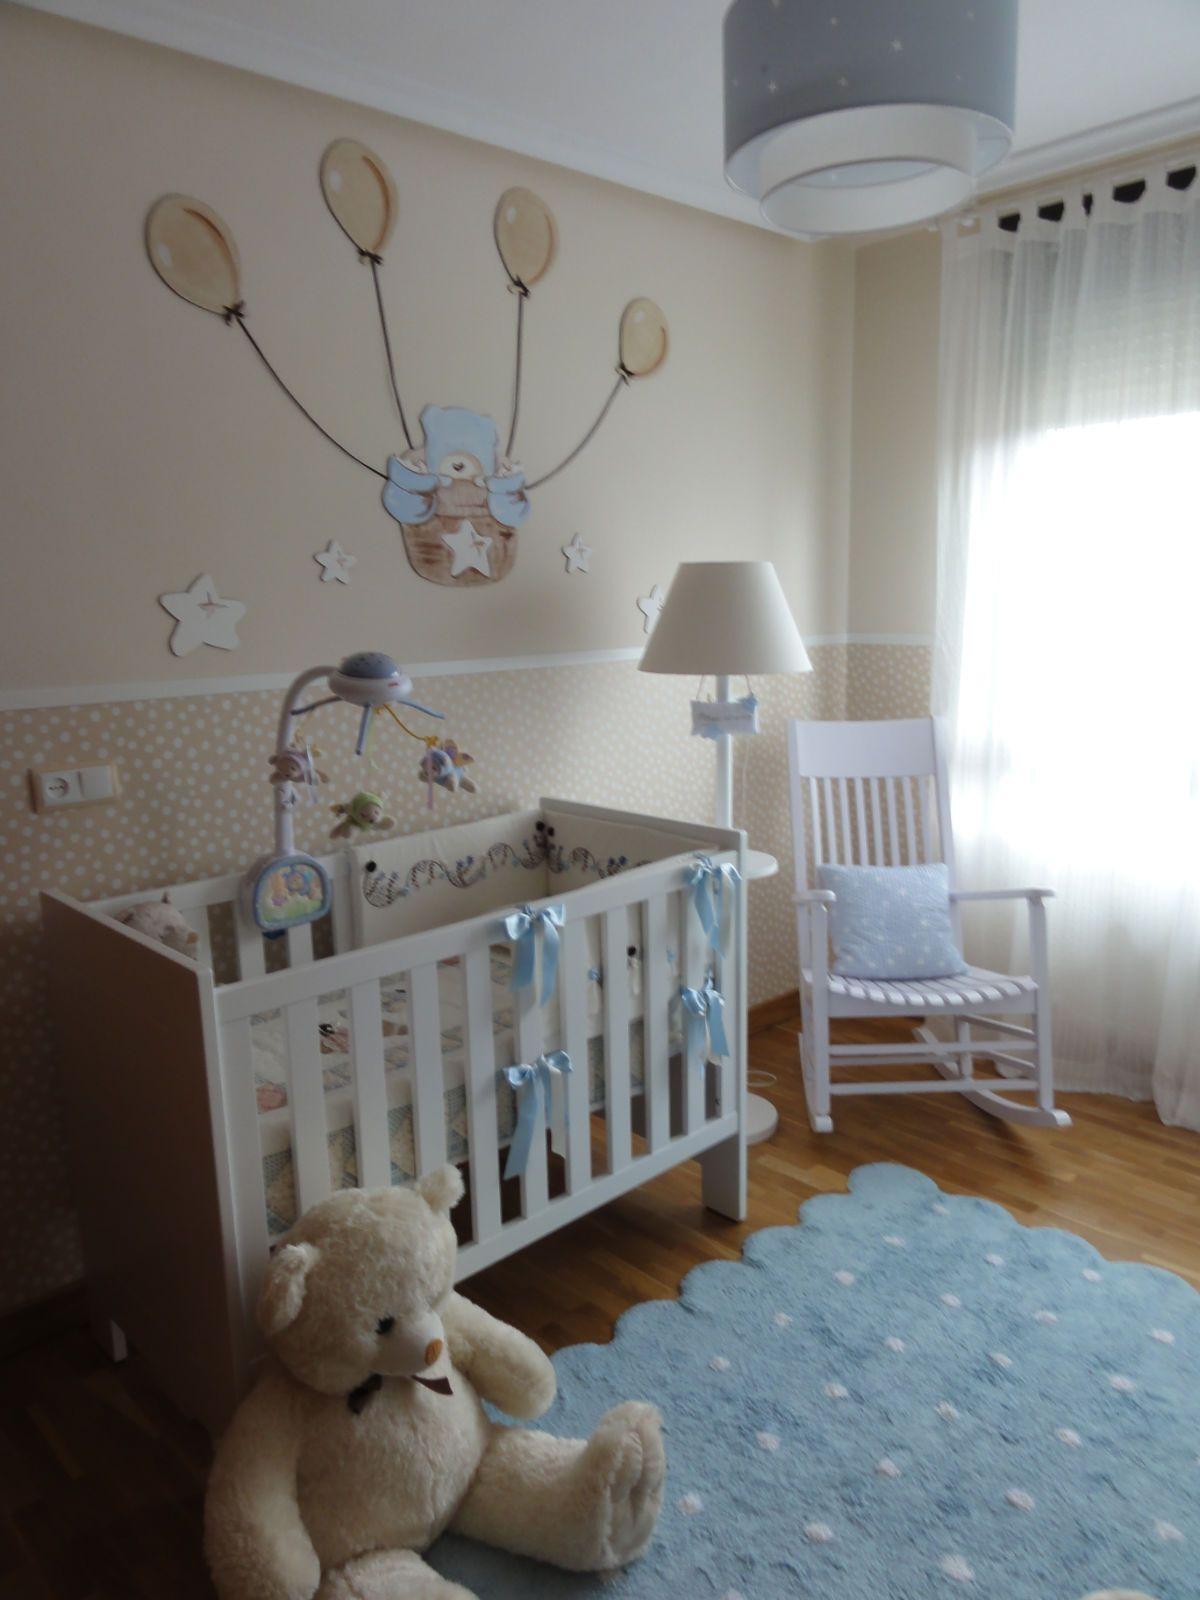 Distribuci n dormitorio beb grace dormitorio bebe - Cuarto de ninos decoracion ...